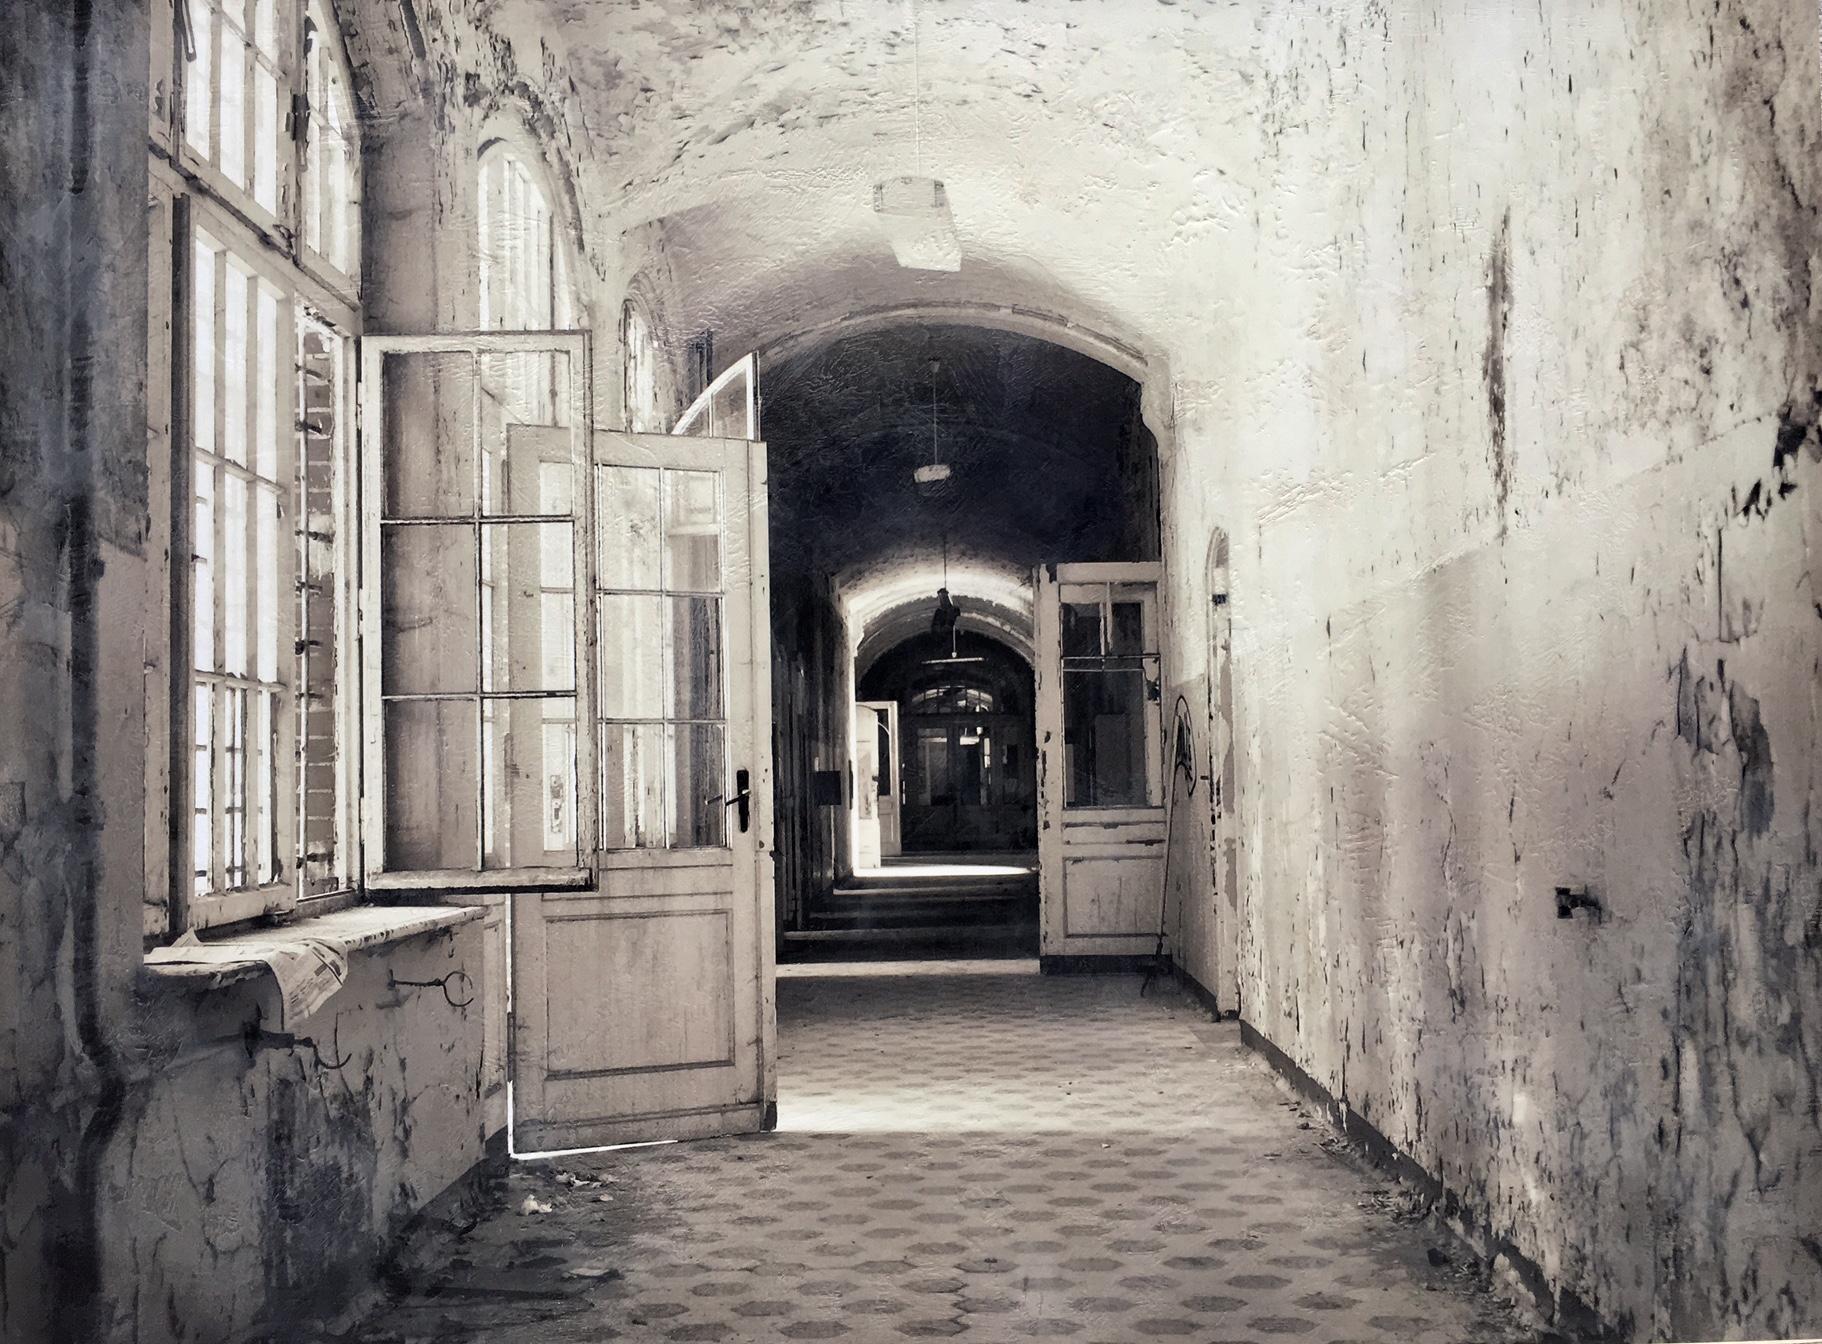 home of the forgotten souls - susanne helmert.jpg